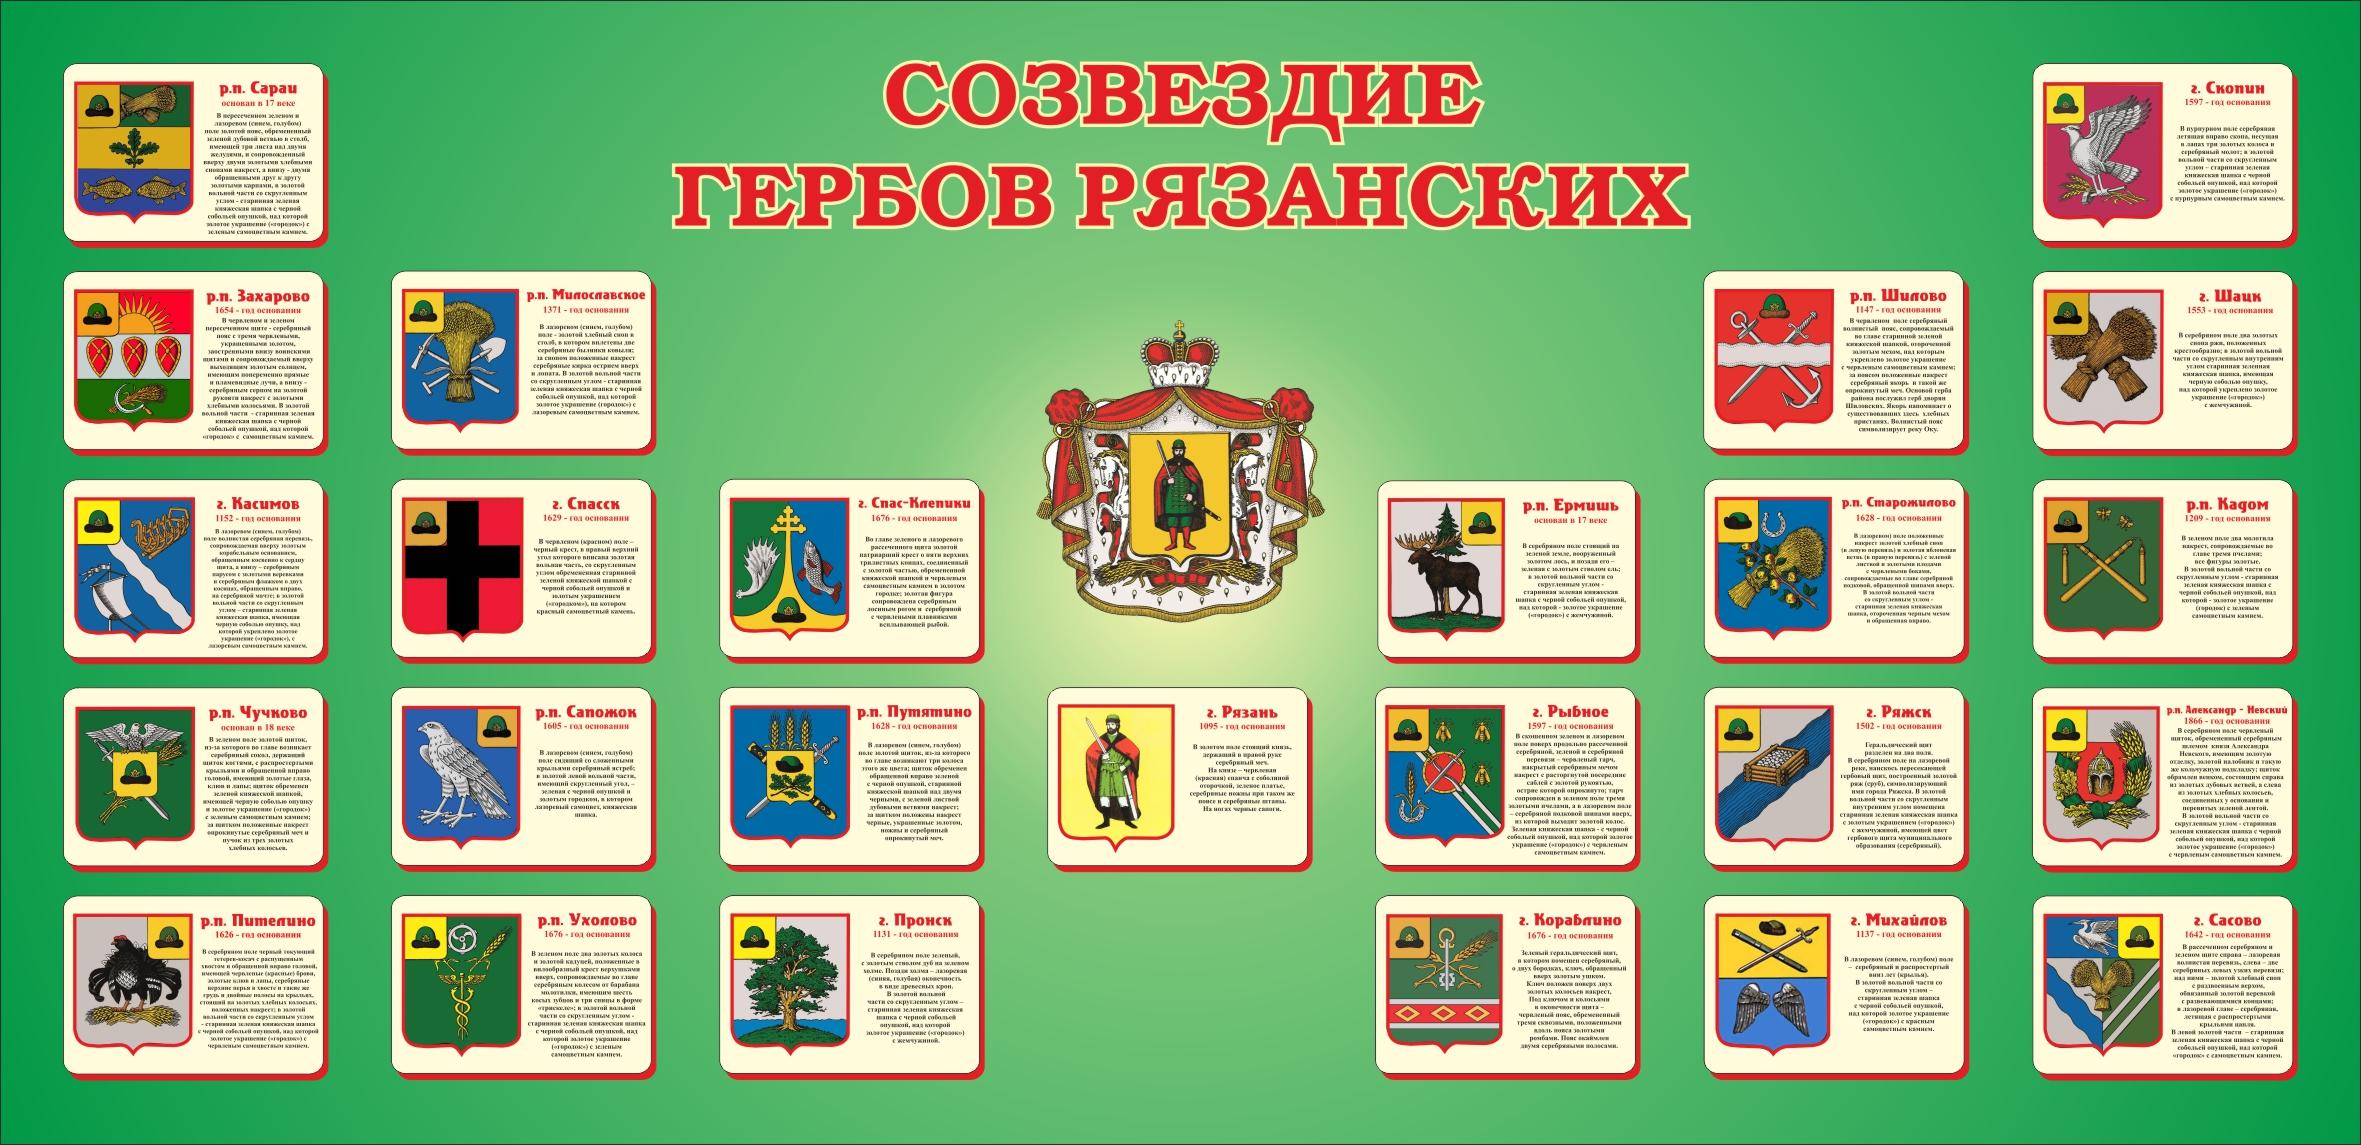 арина гербы печать1